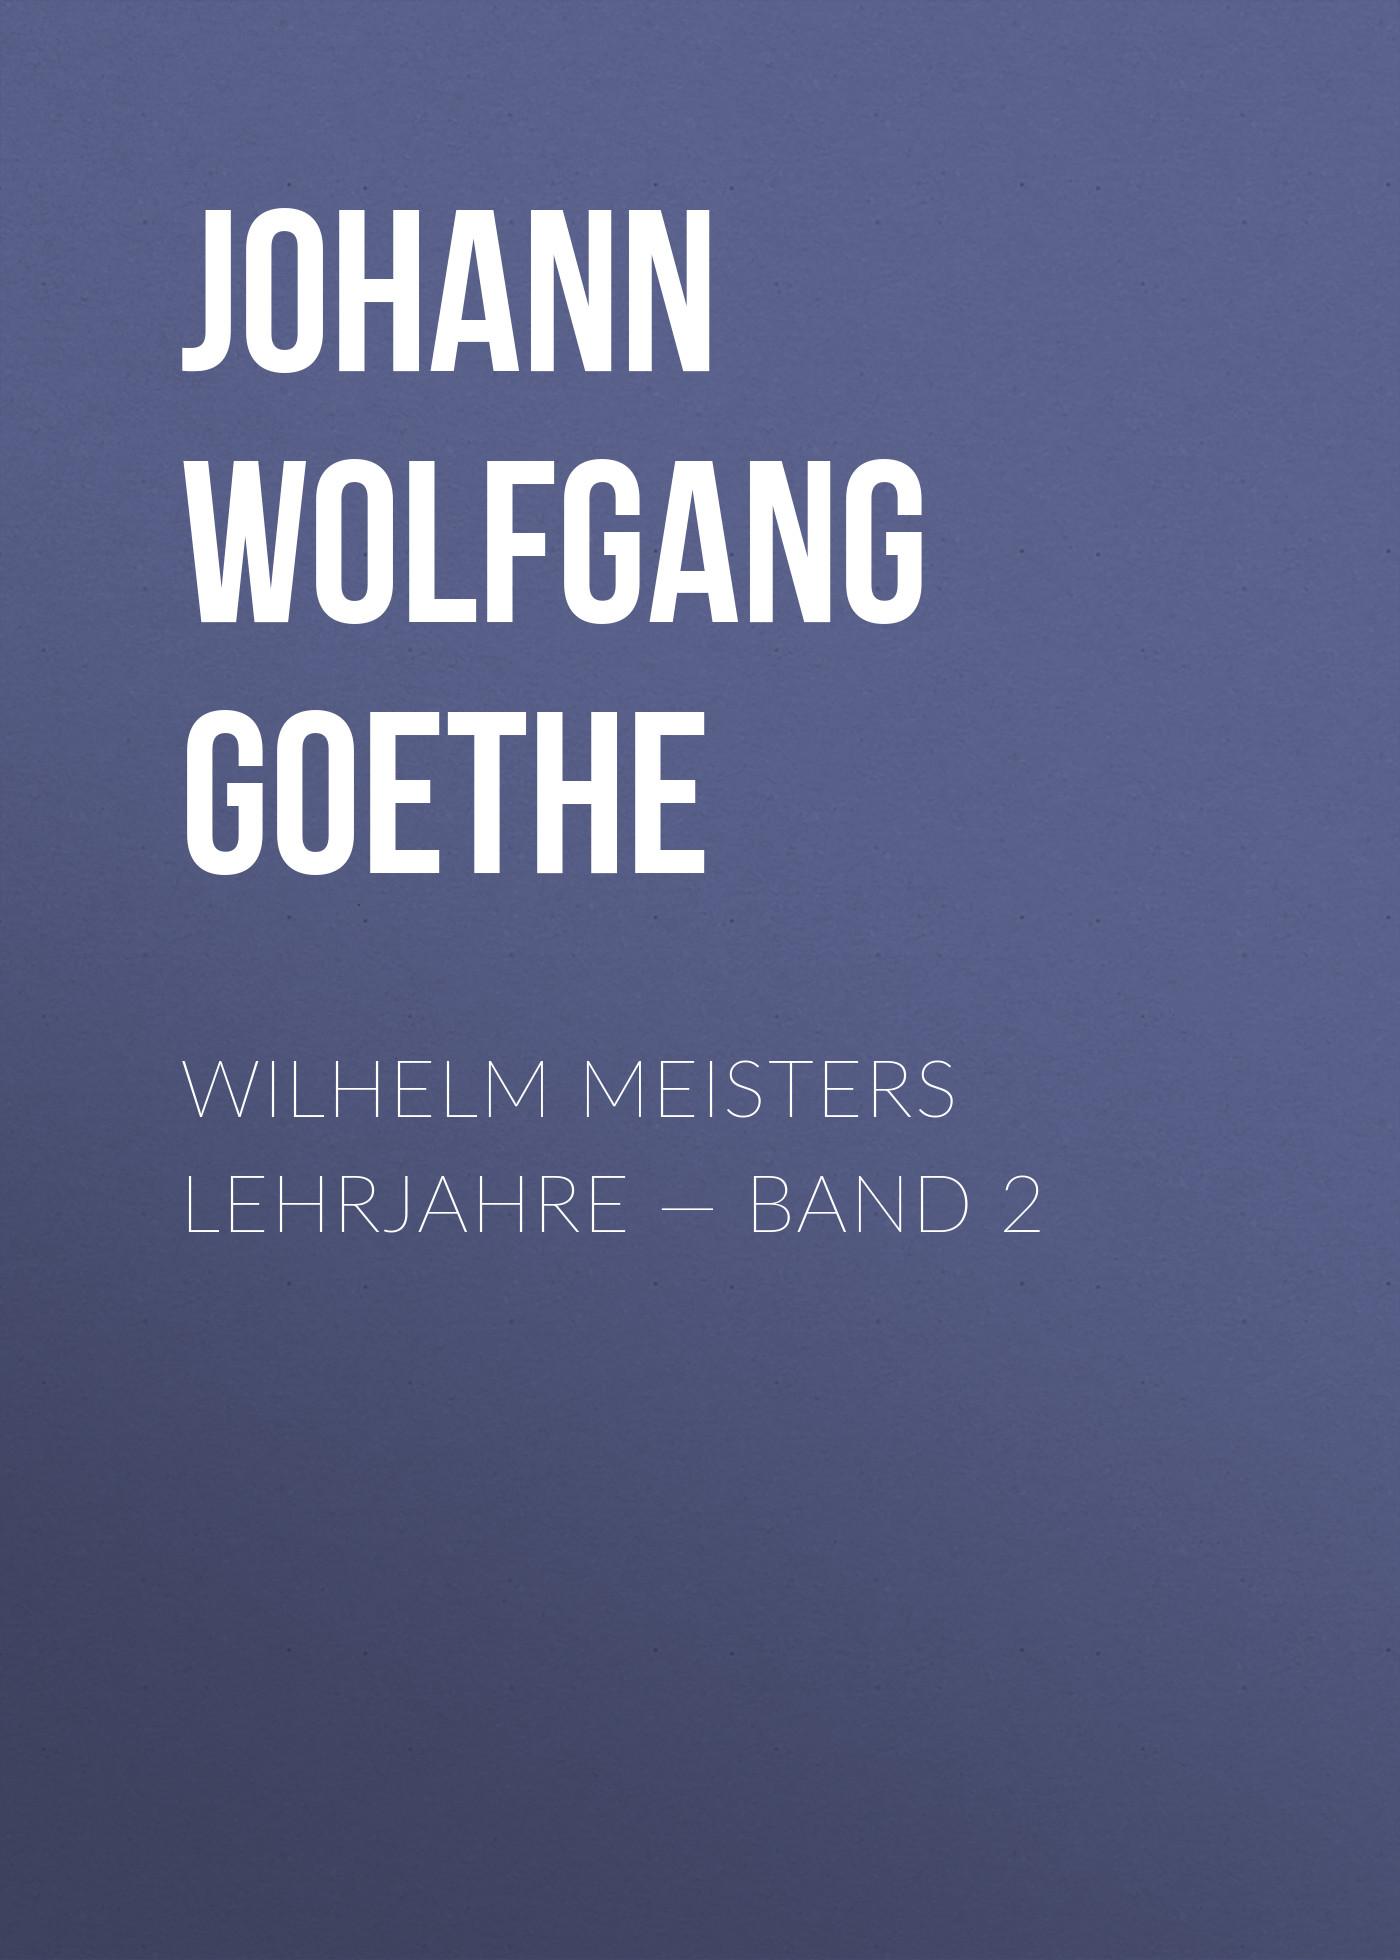 Wilhelm Meisters Lehrjahre— Band 2